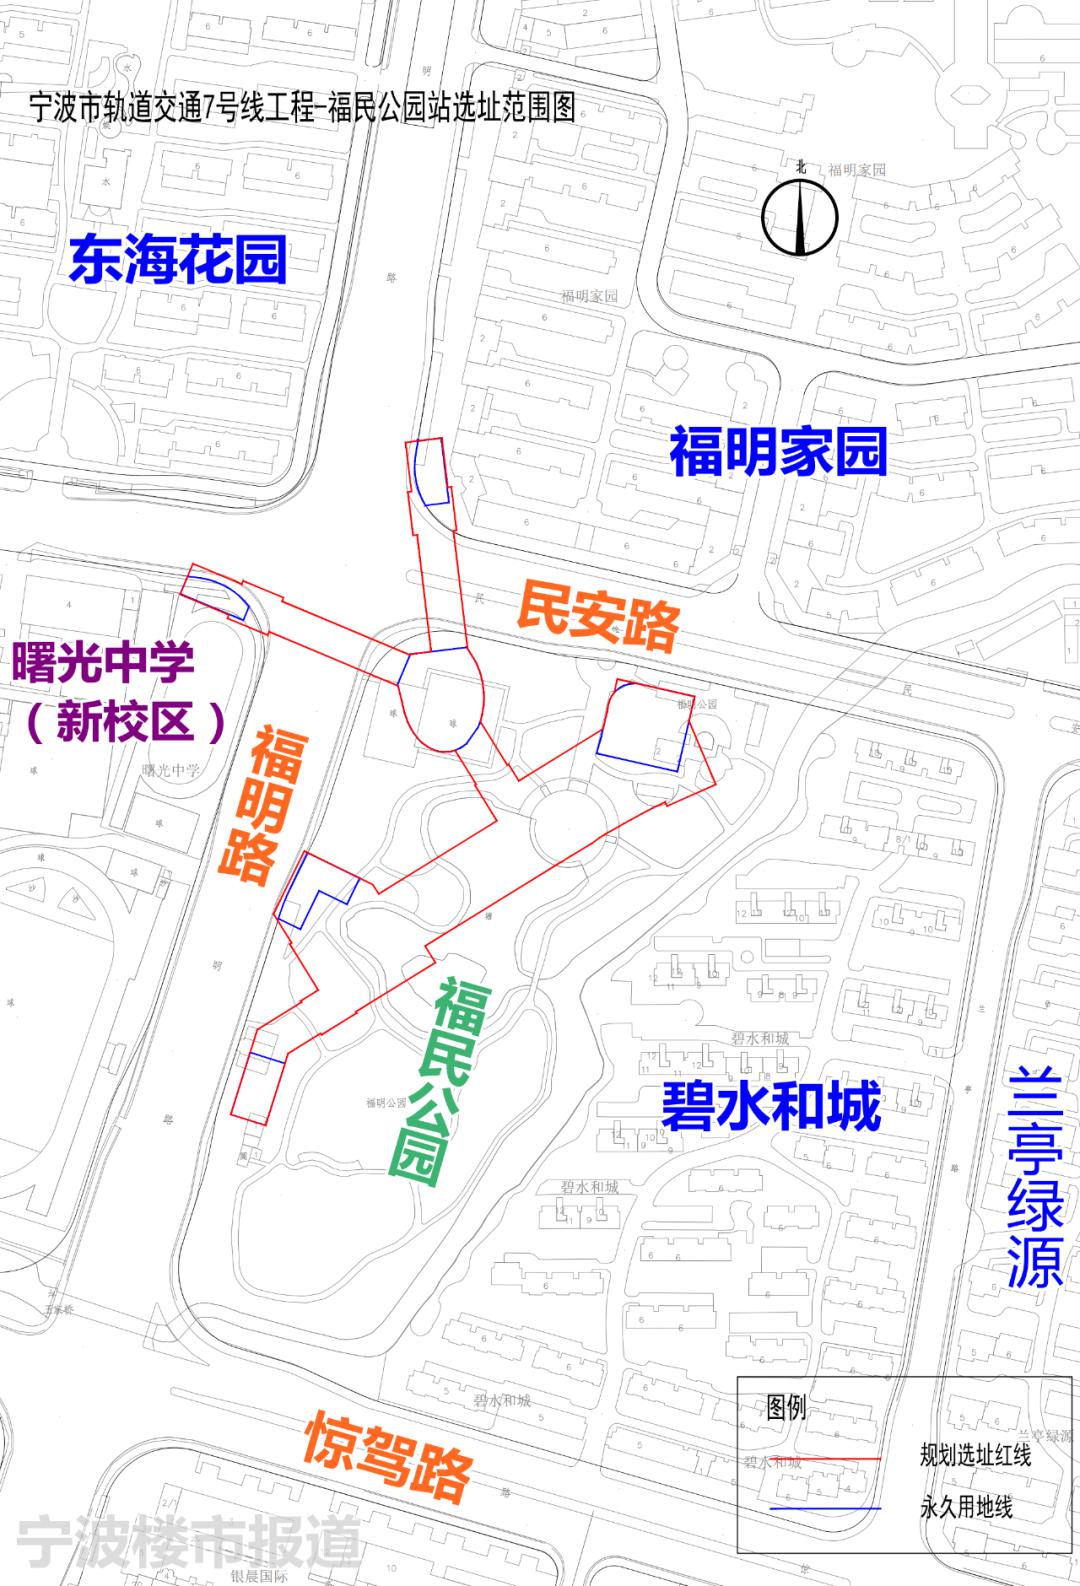 8号线一期洪大路站,位于江北区洪塘街道洪大南路上,北环西路南侧、榭嘉路北侧。